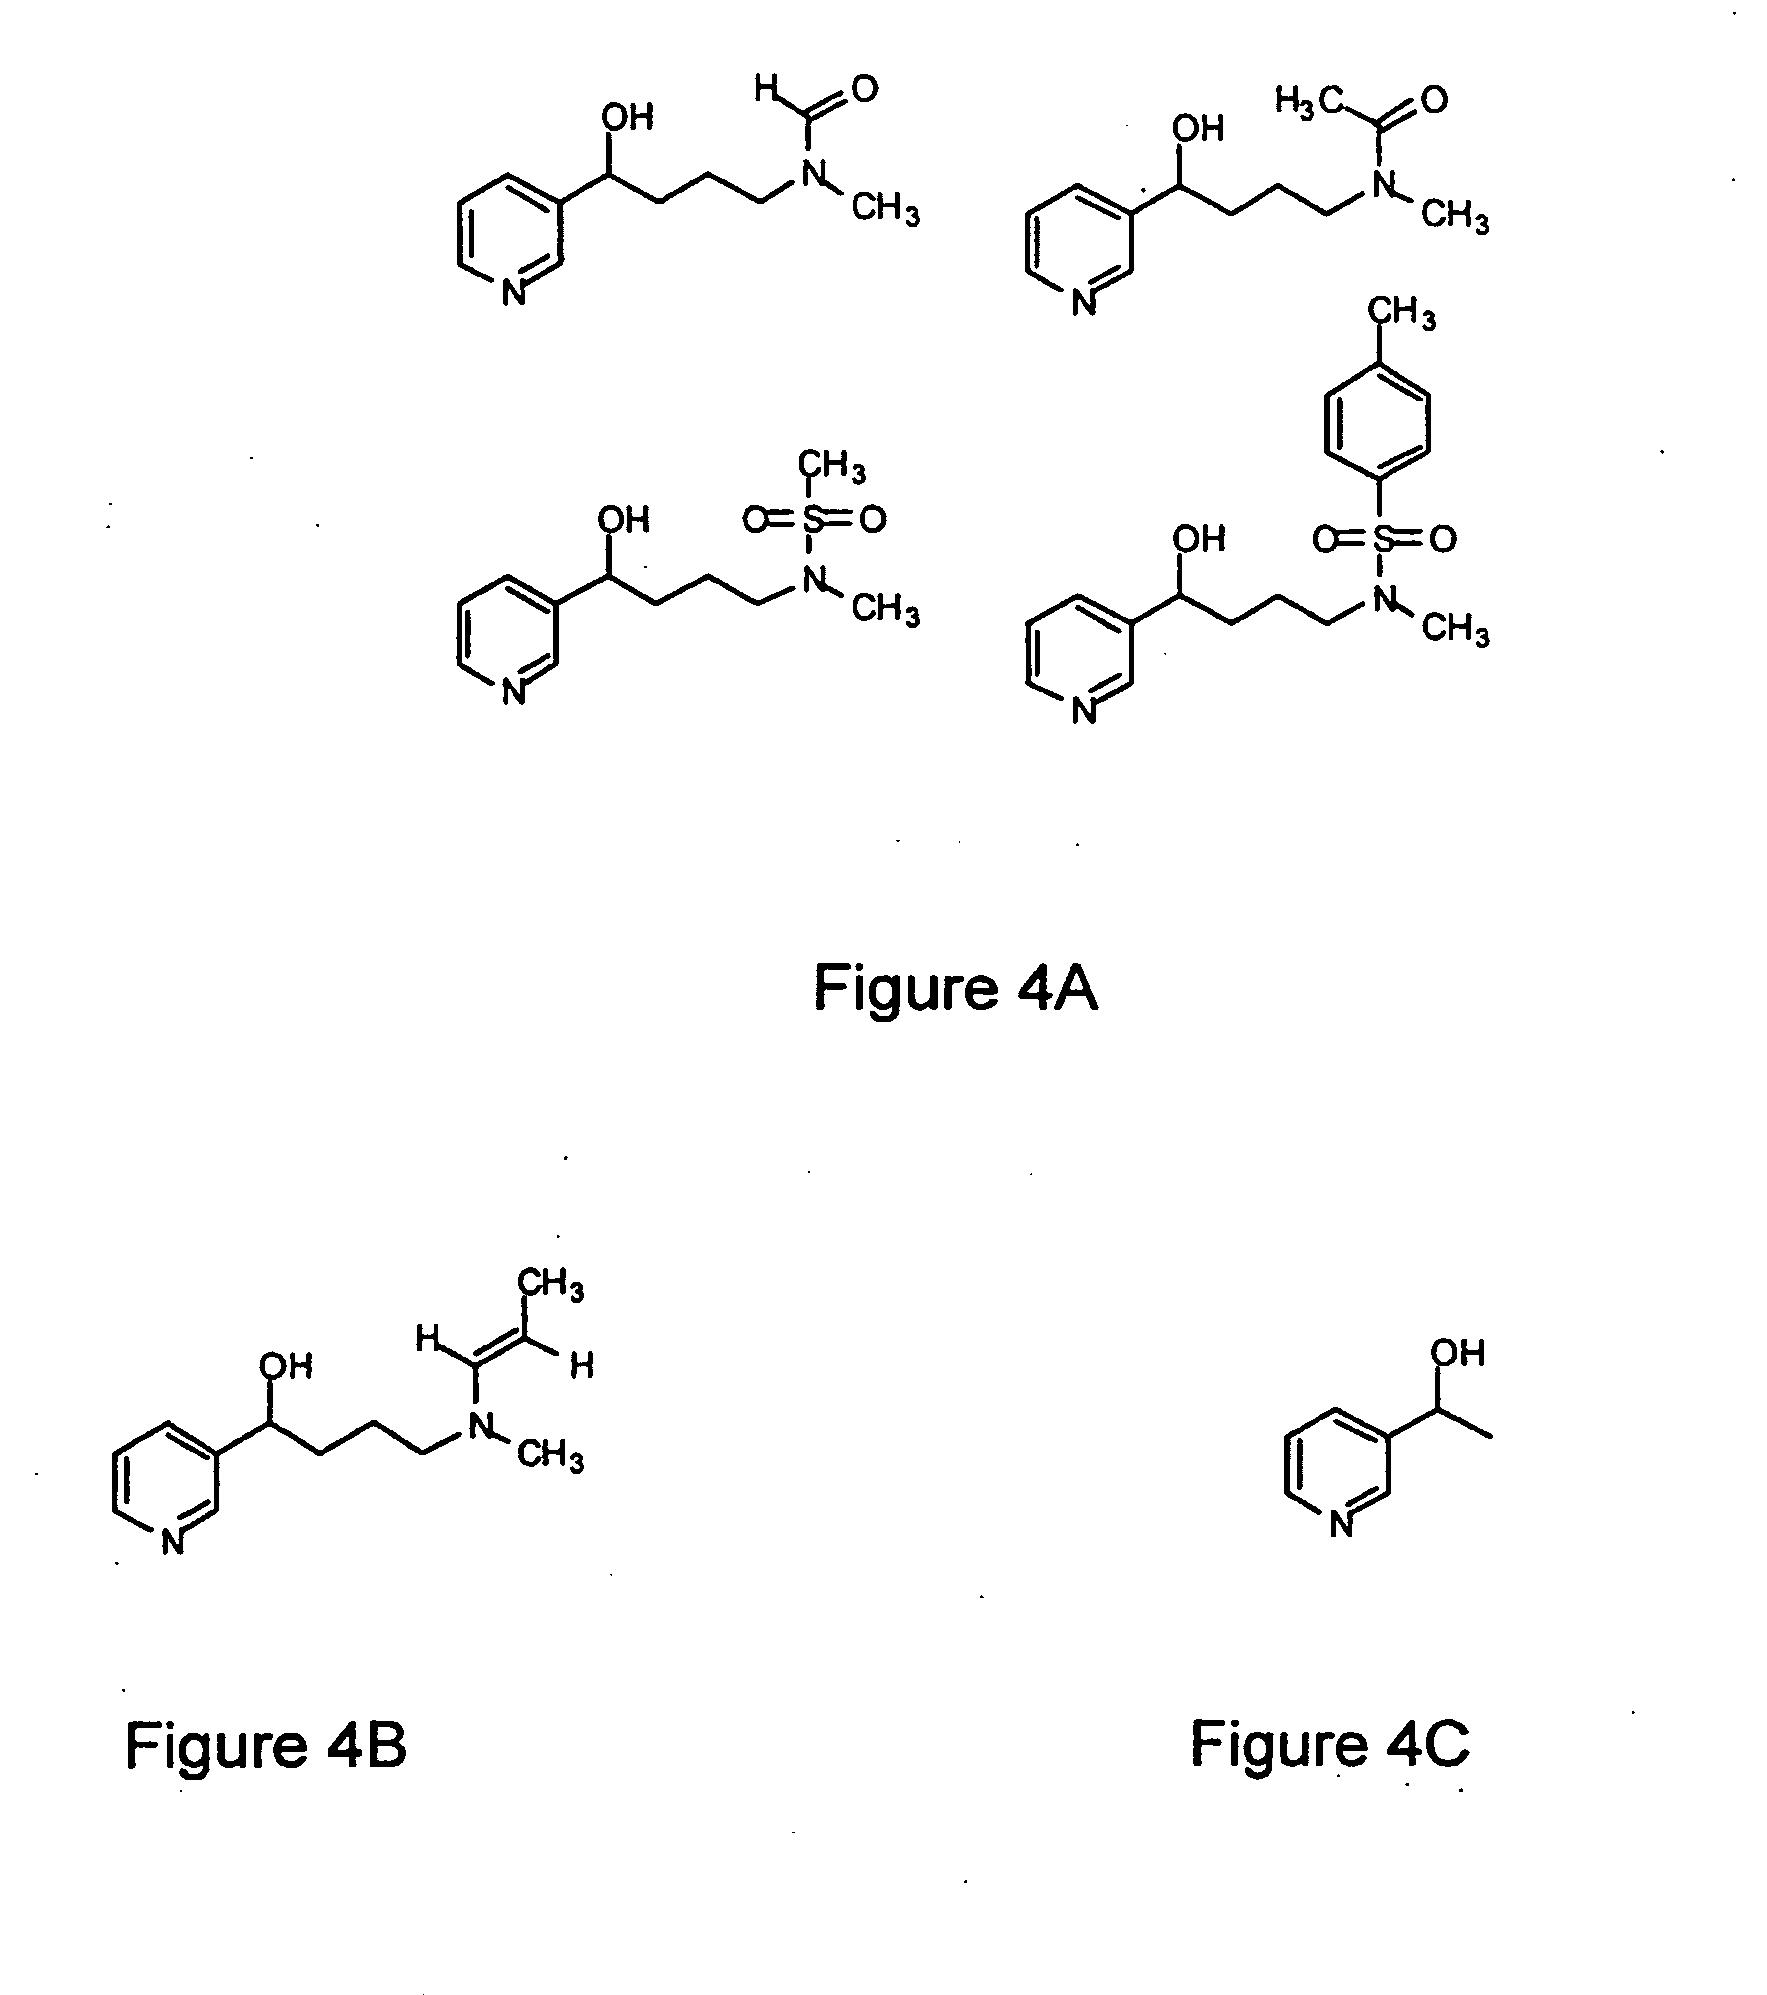 molecularly imprinted polymer thesis Sains malaysiana 42(4)(2013): 529-535 molecularly imprinted polymer synthesis using raft polymerisation (sintesis polimer molekul tercetak menggunakan pempolimeran raft.